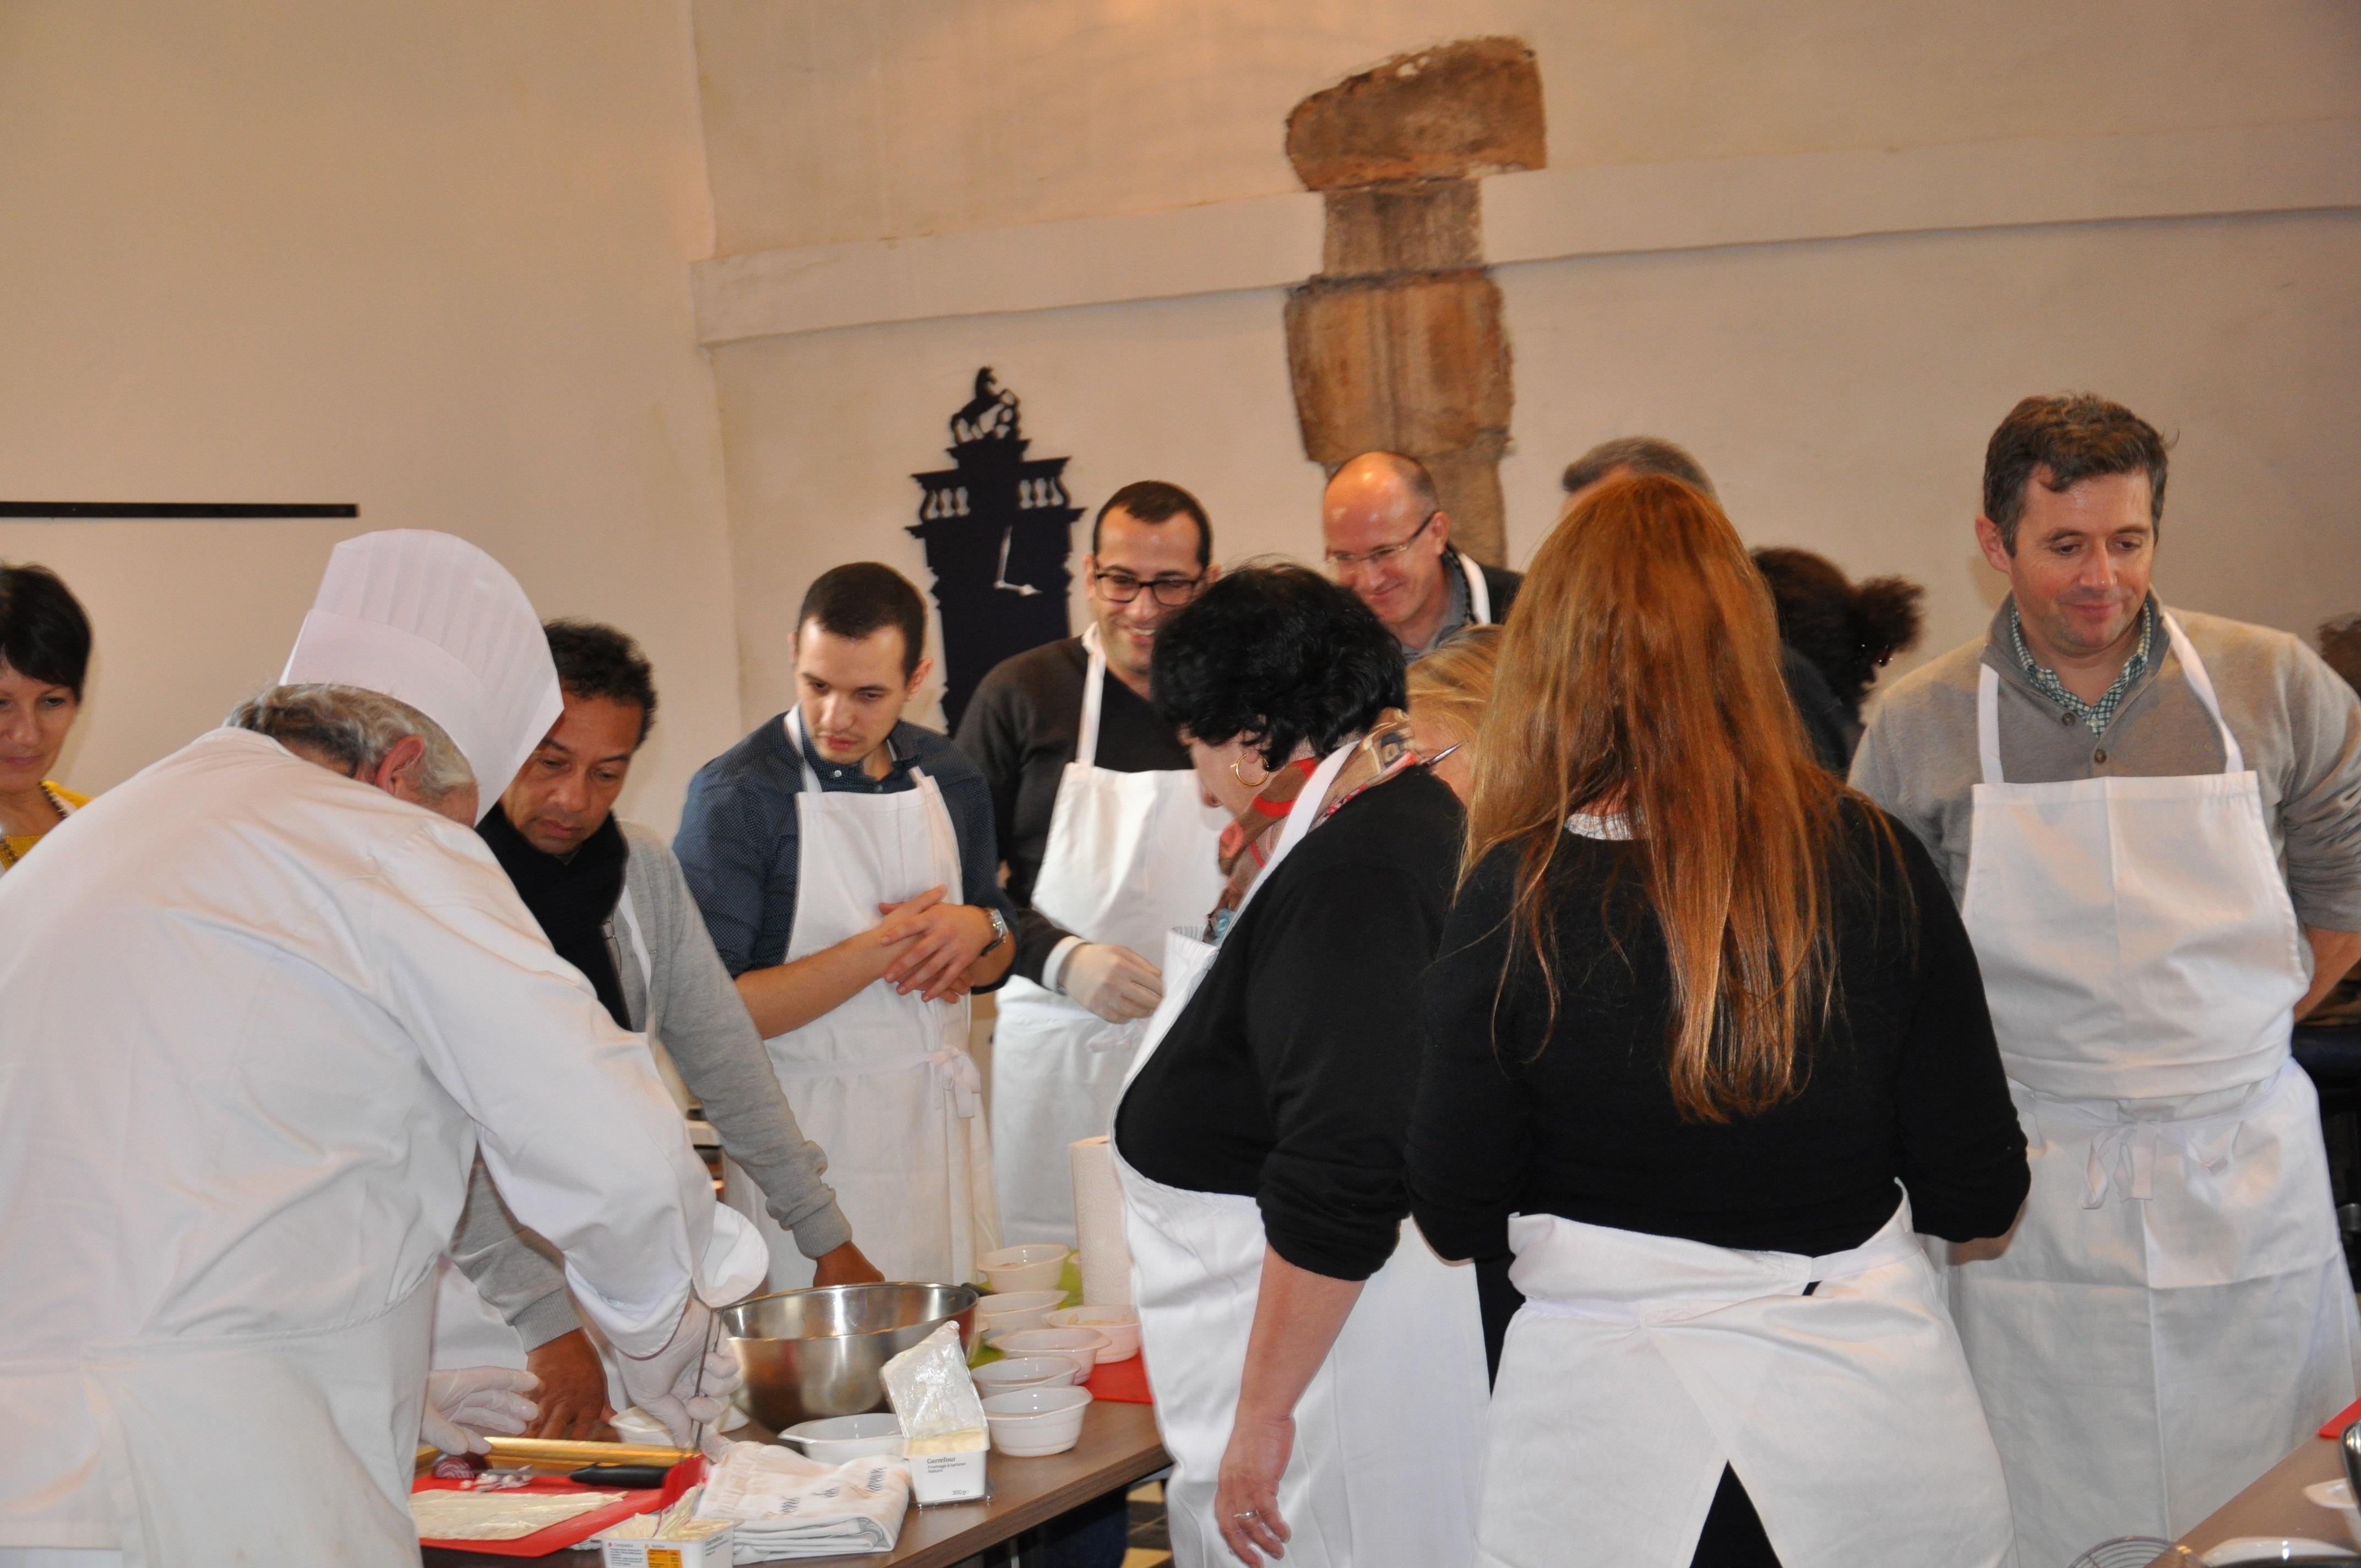 Cours-de-cuisine-entreprise-13